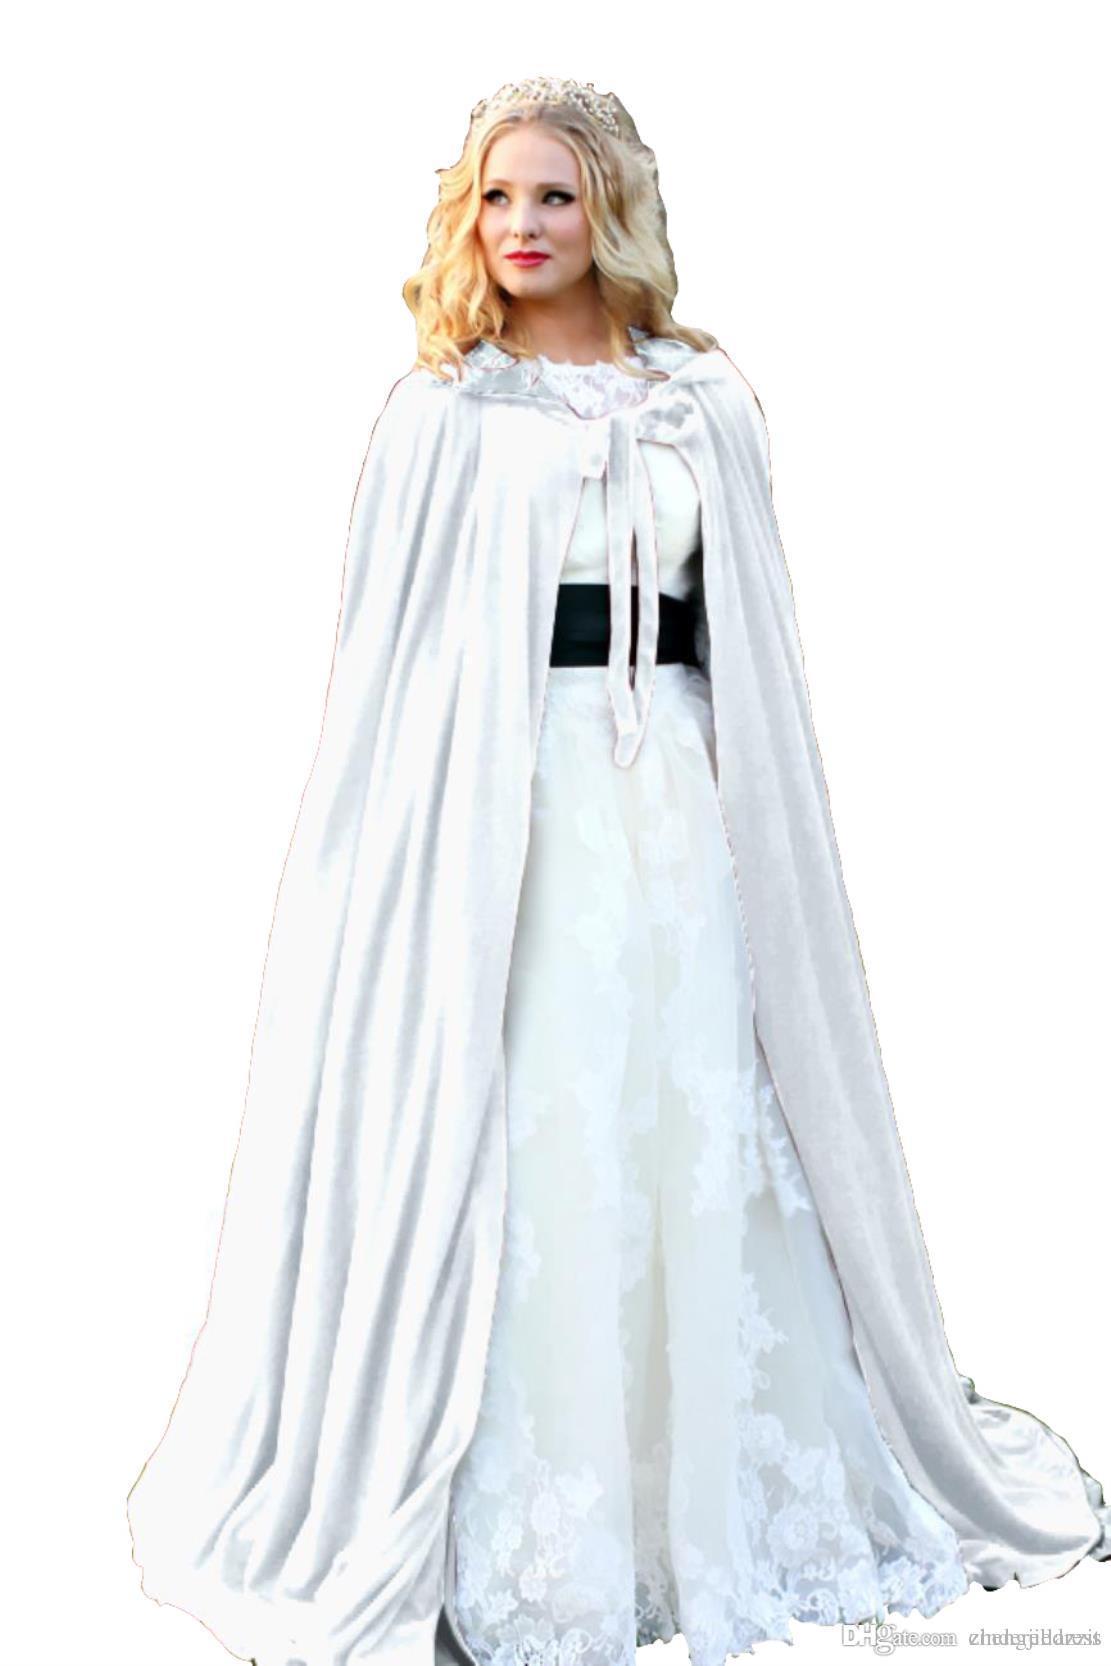 a57aa8d5c Compre Forro Branco Com Capuz Capa De Veludo Gótico Wicca Robe Medieval  Bruxaria Cabo Larp Cape Com Capuz Vampiro Capa Festa Do Dia Das Bruxas  Manto Tamanho ...